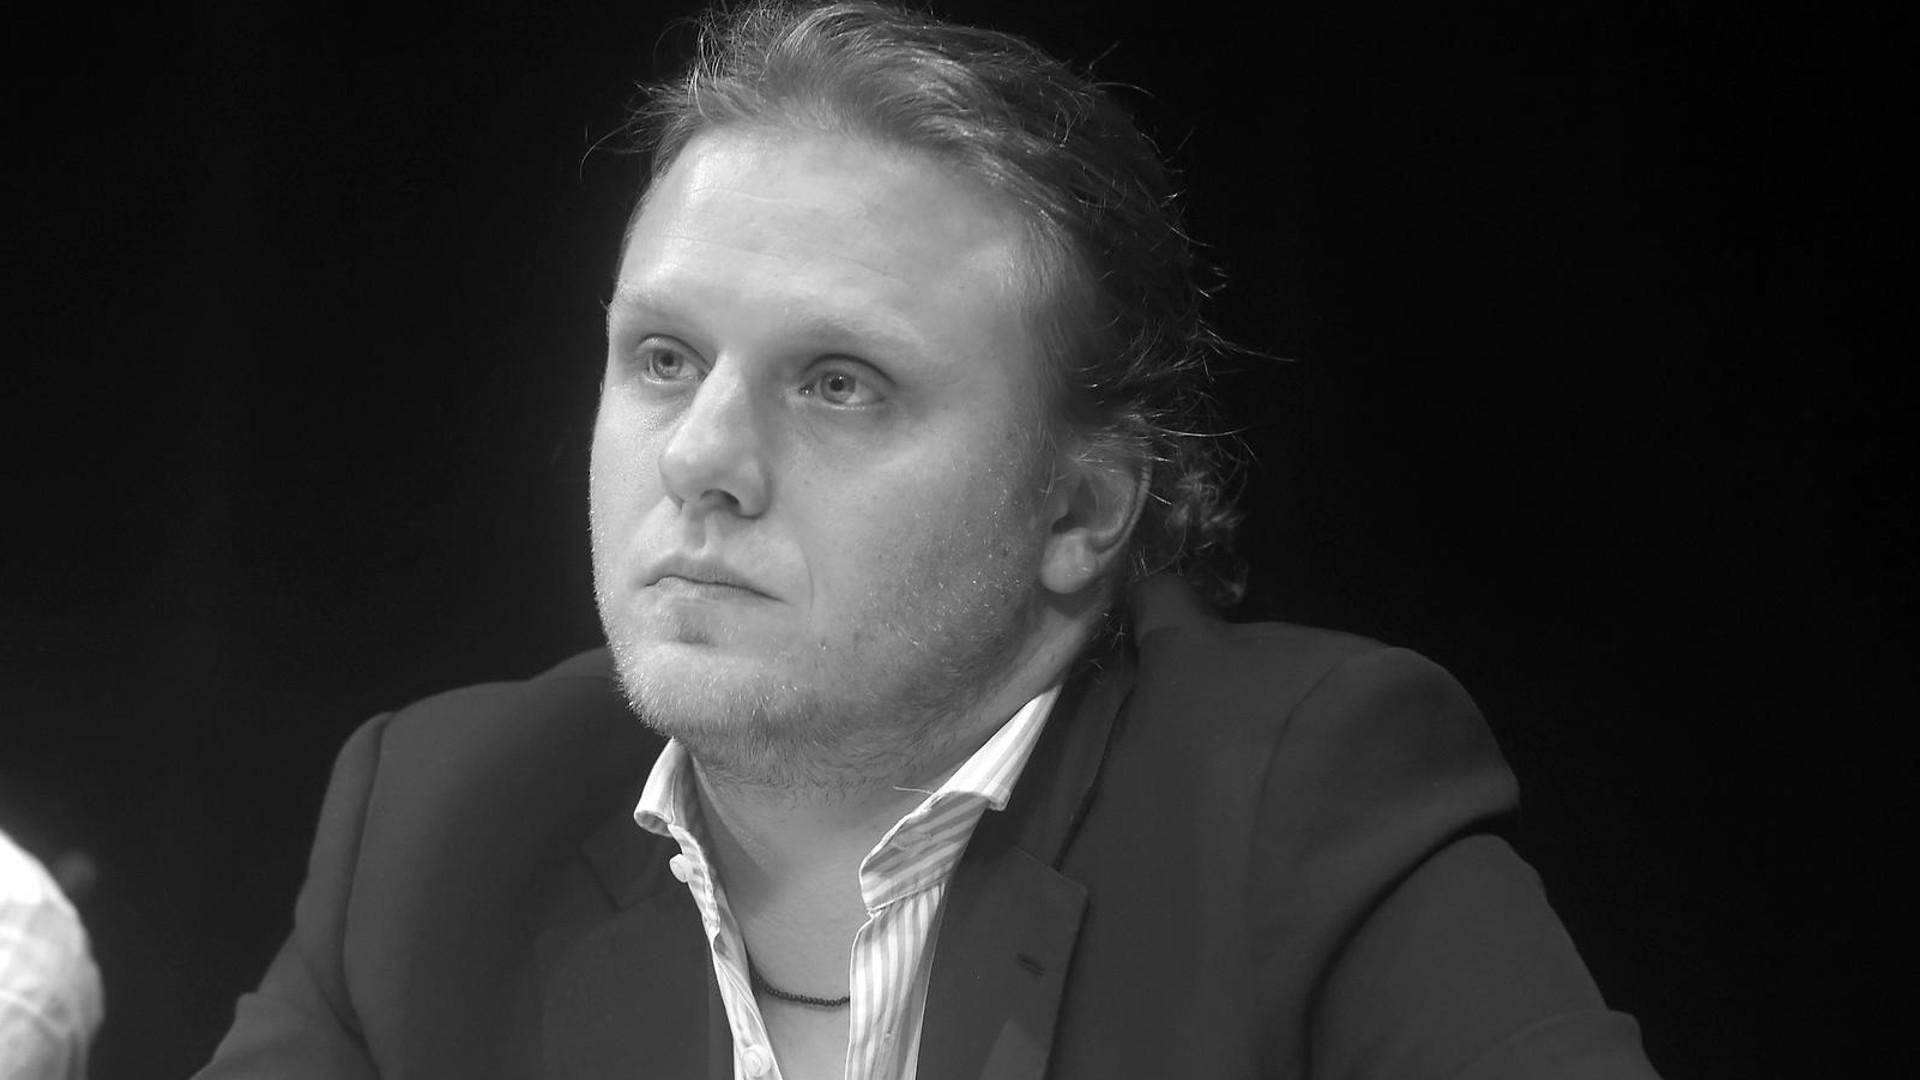 Przyczyna śmierci Piotra Woźniaka-Staraka – są wyniki sekcji zwłok